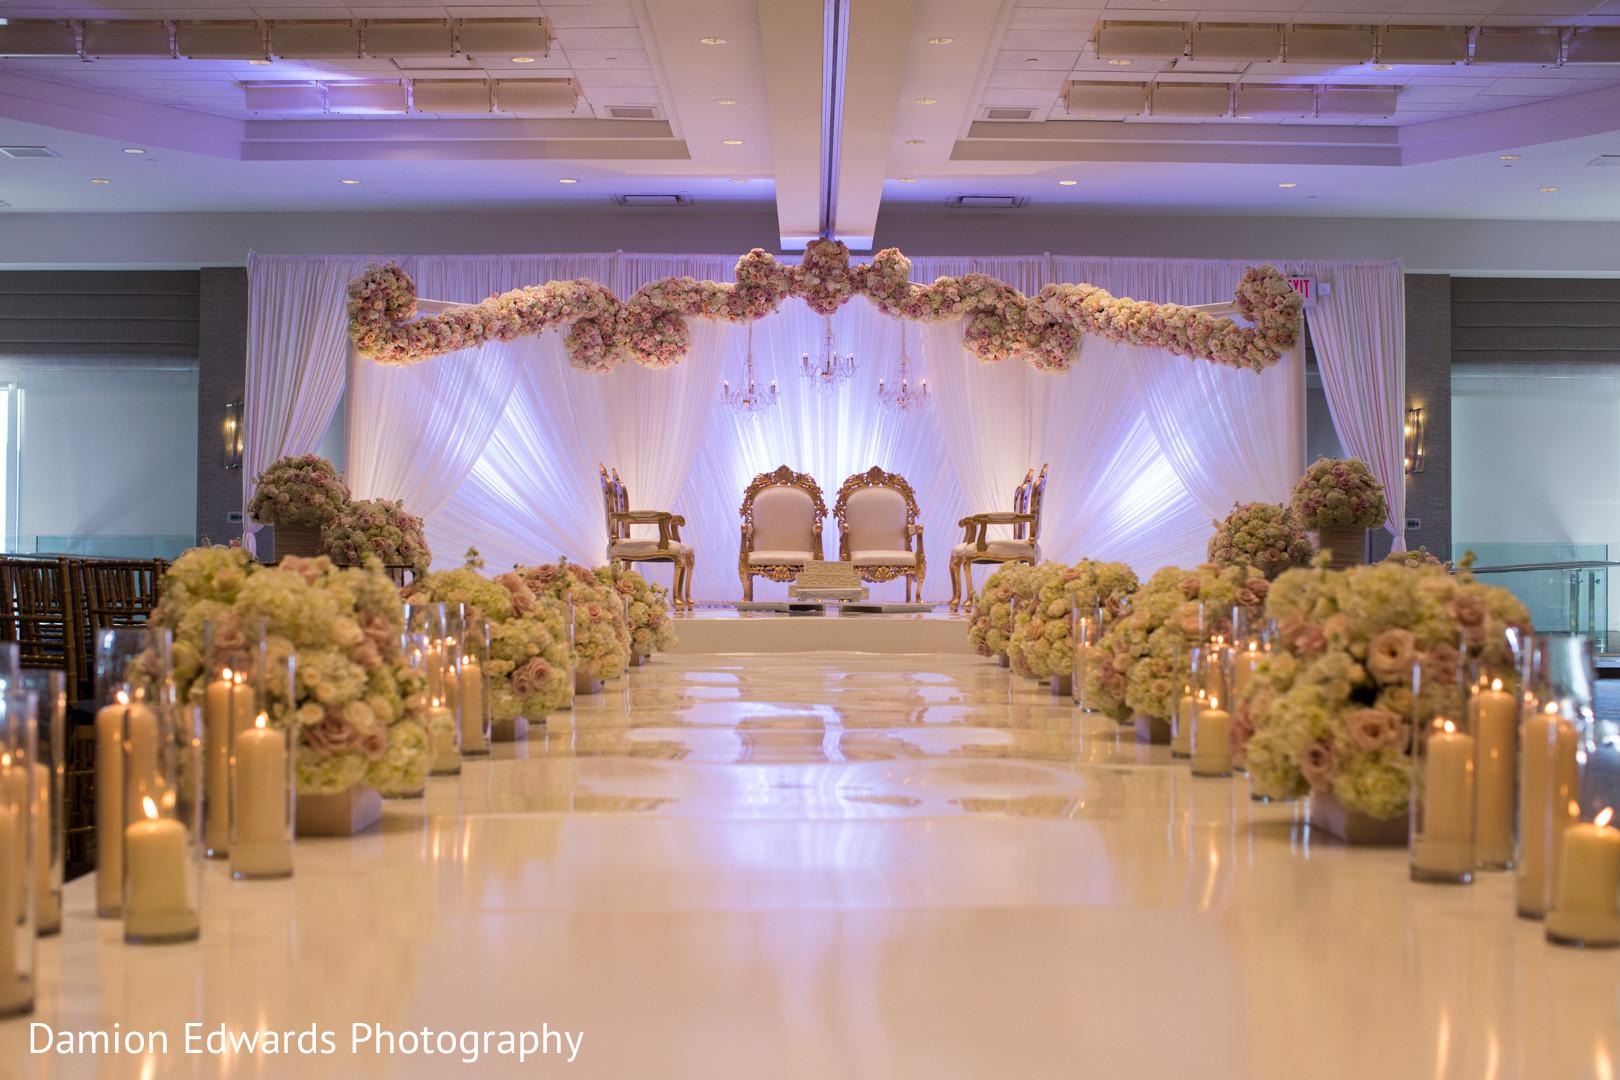 Wedding Ceremony Decorations: Ceremony Decor